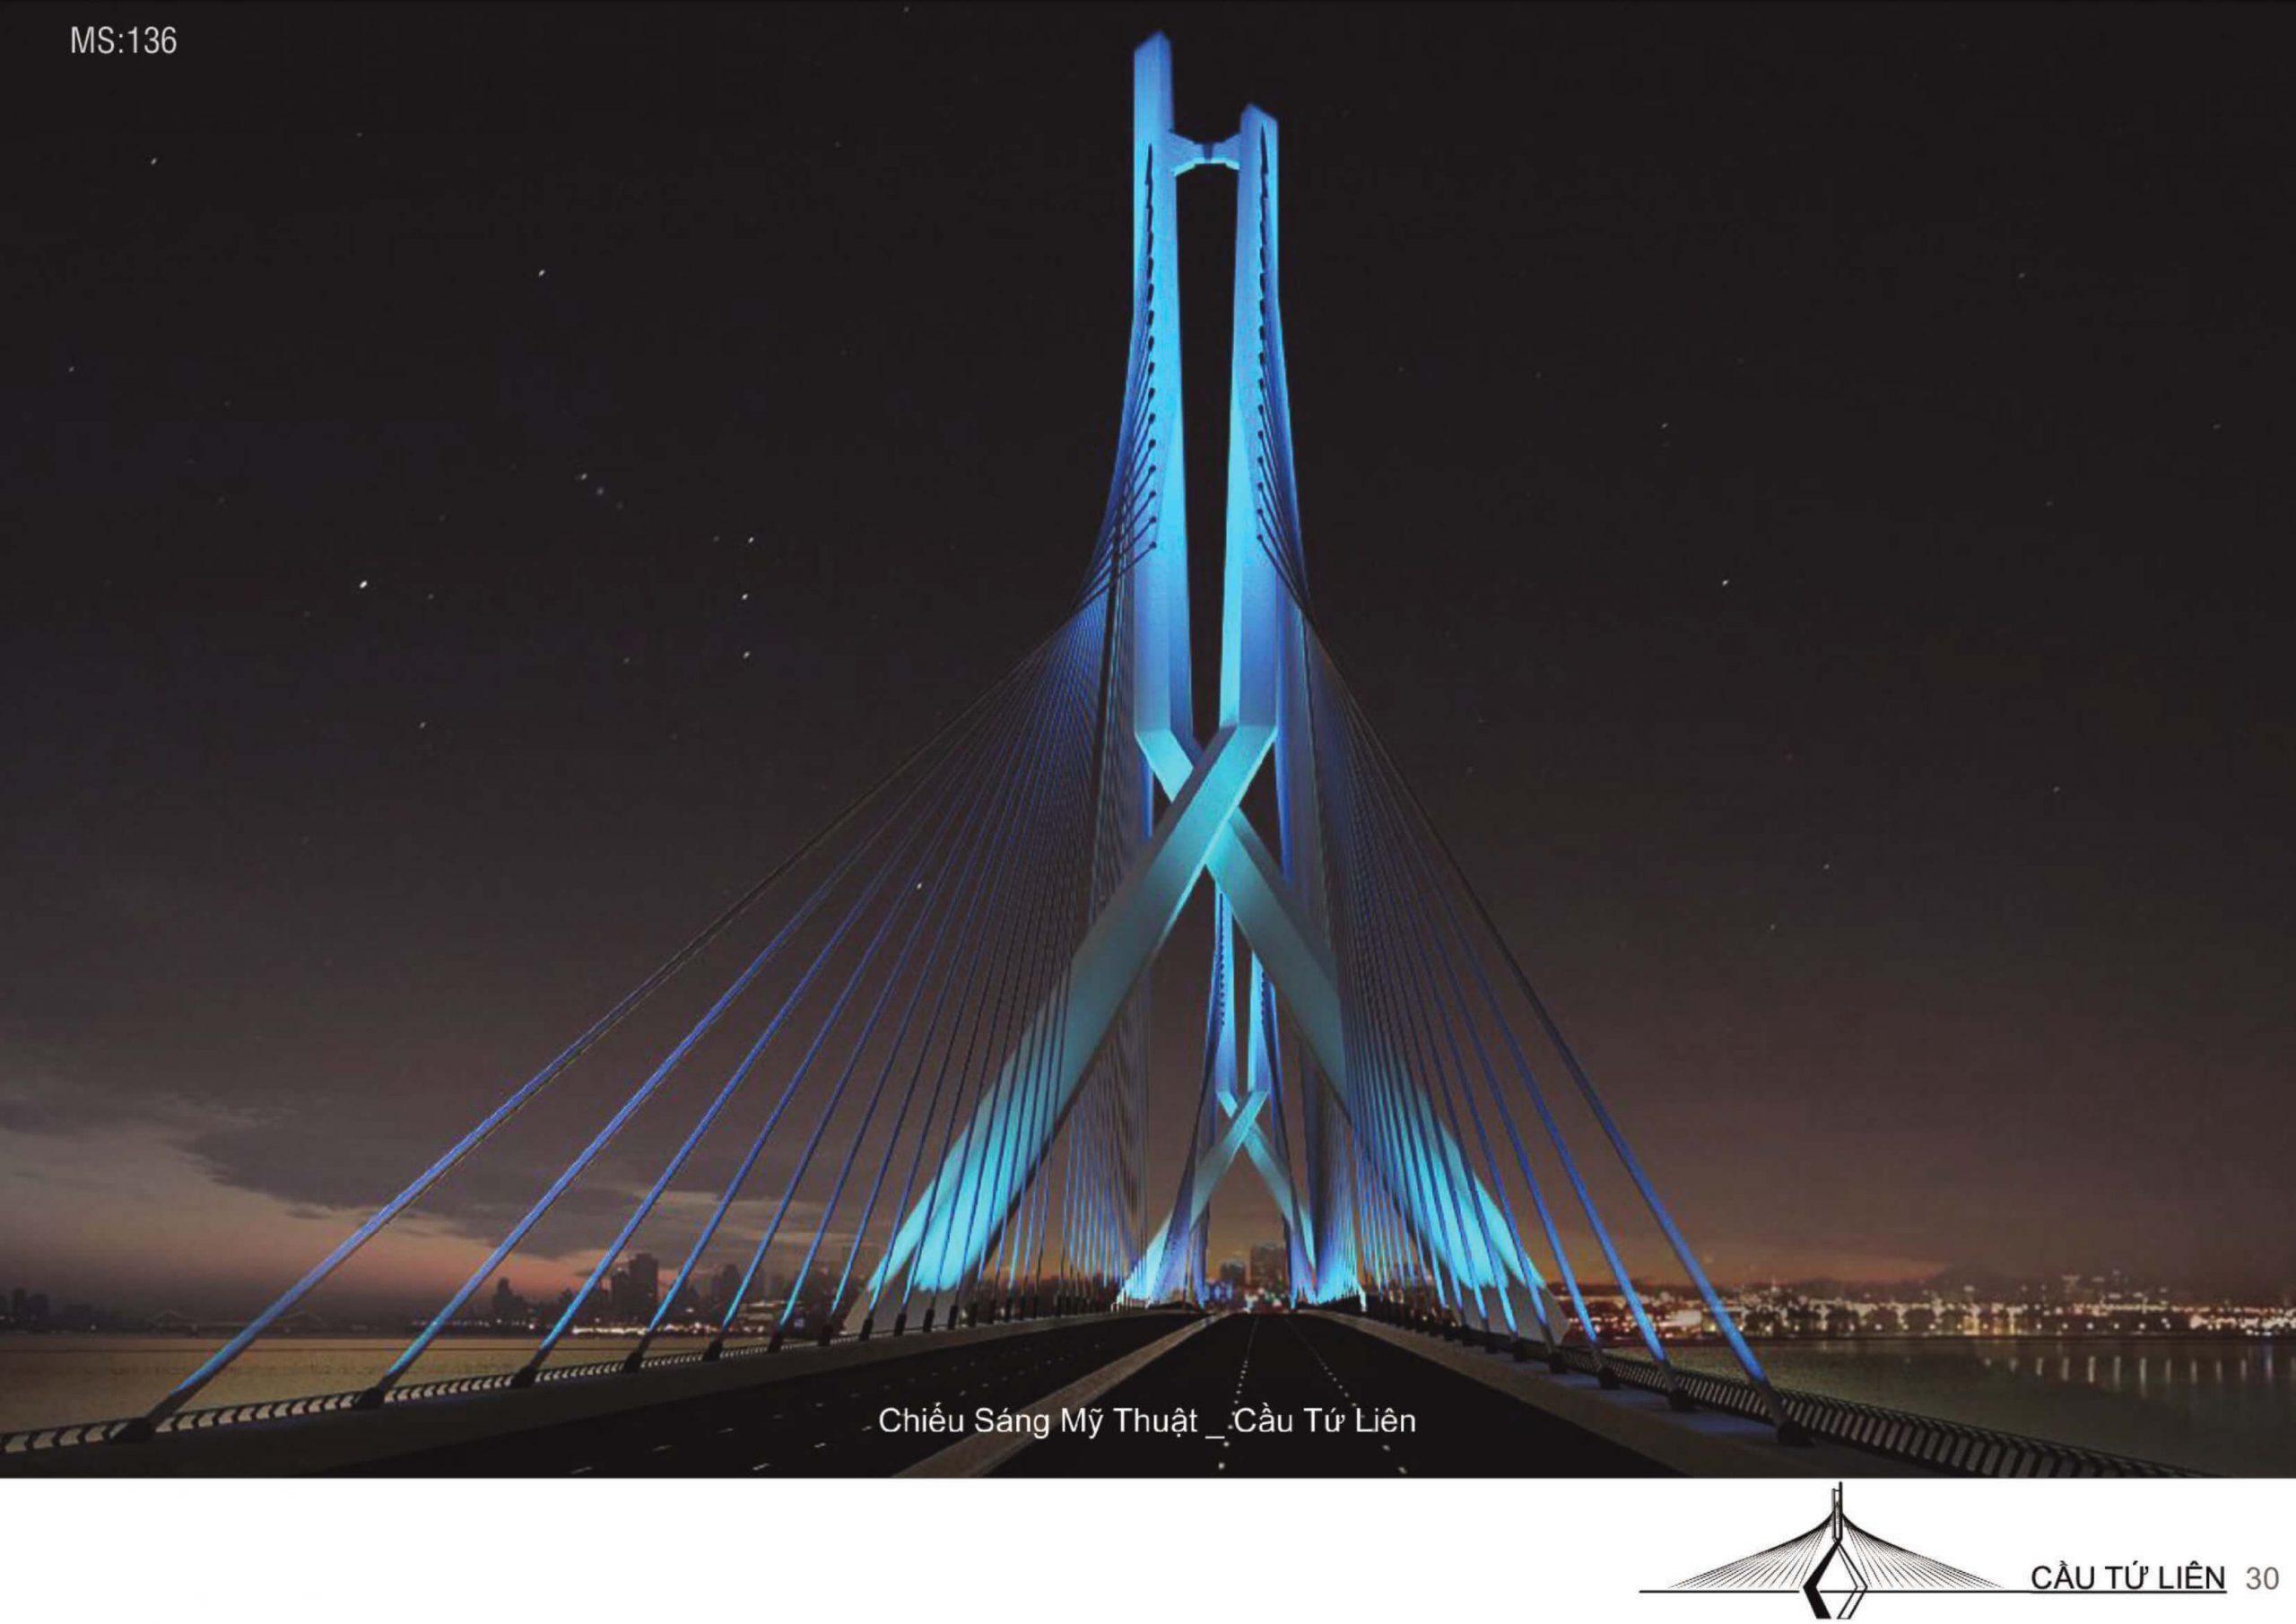 Cầu Tứ Liên dưới ánh sáng xanh huyền ảo.